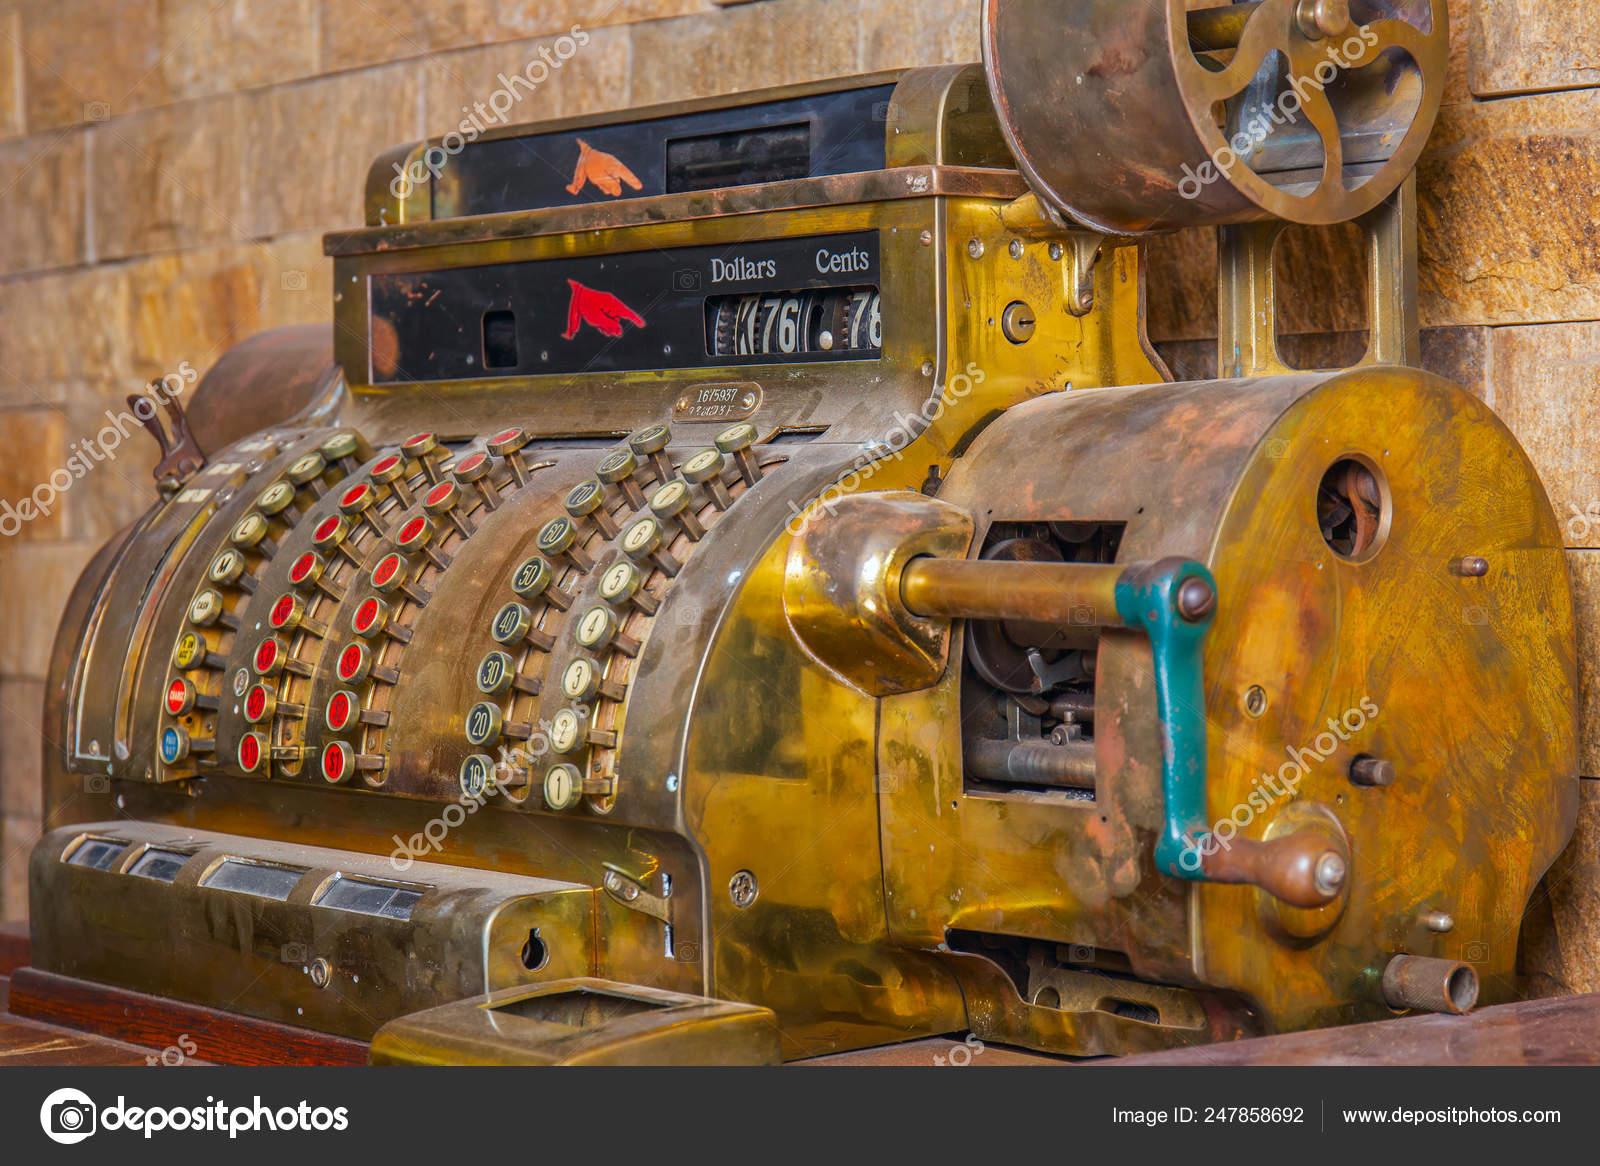 бронзовый античный кассовый аппарат расчета долларах стоит